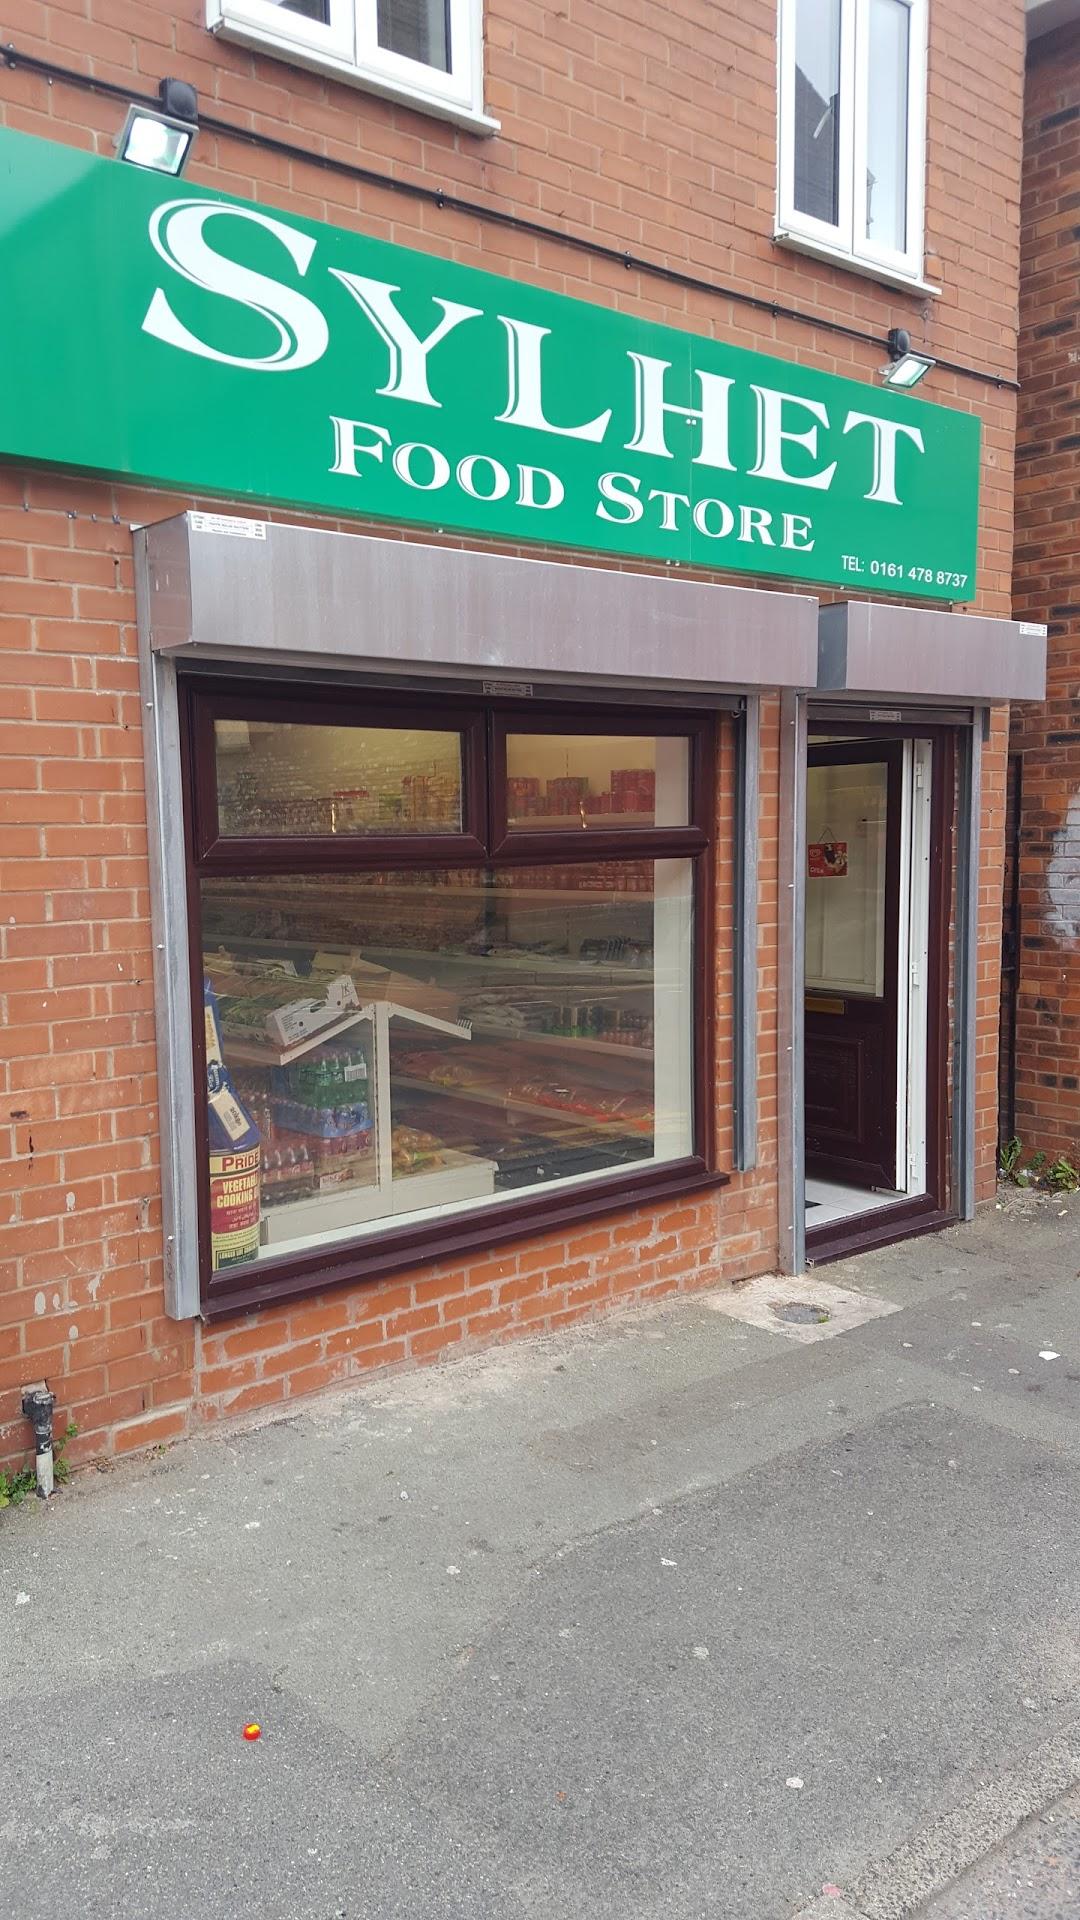 Sylhet Food Store